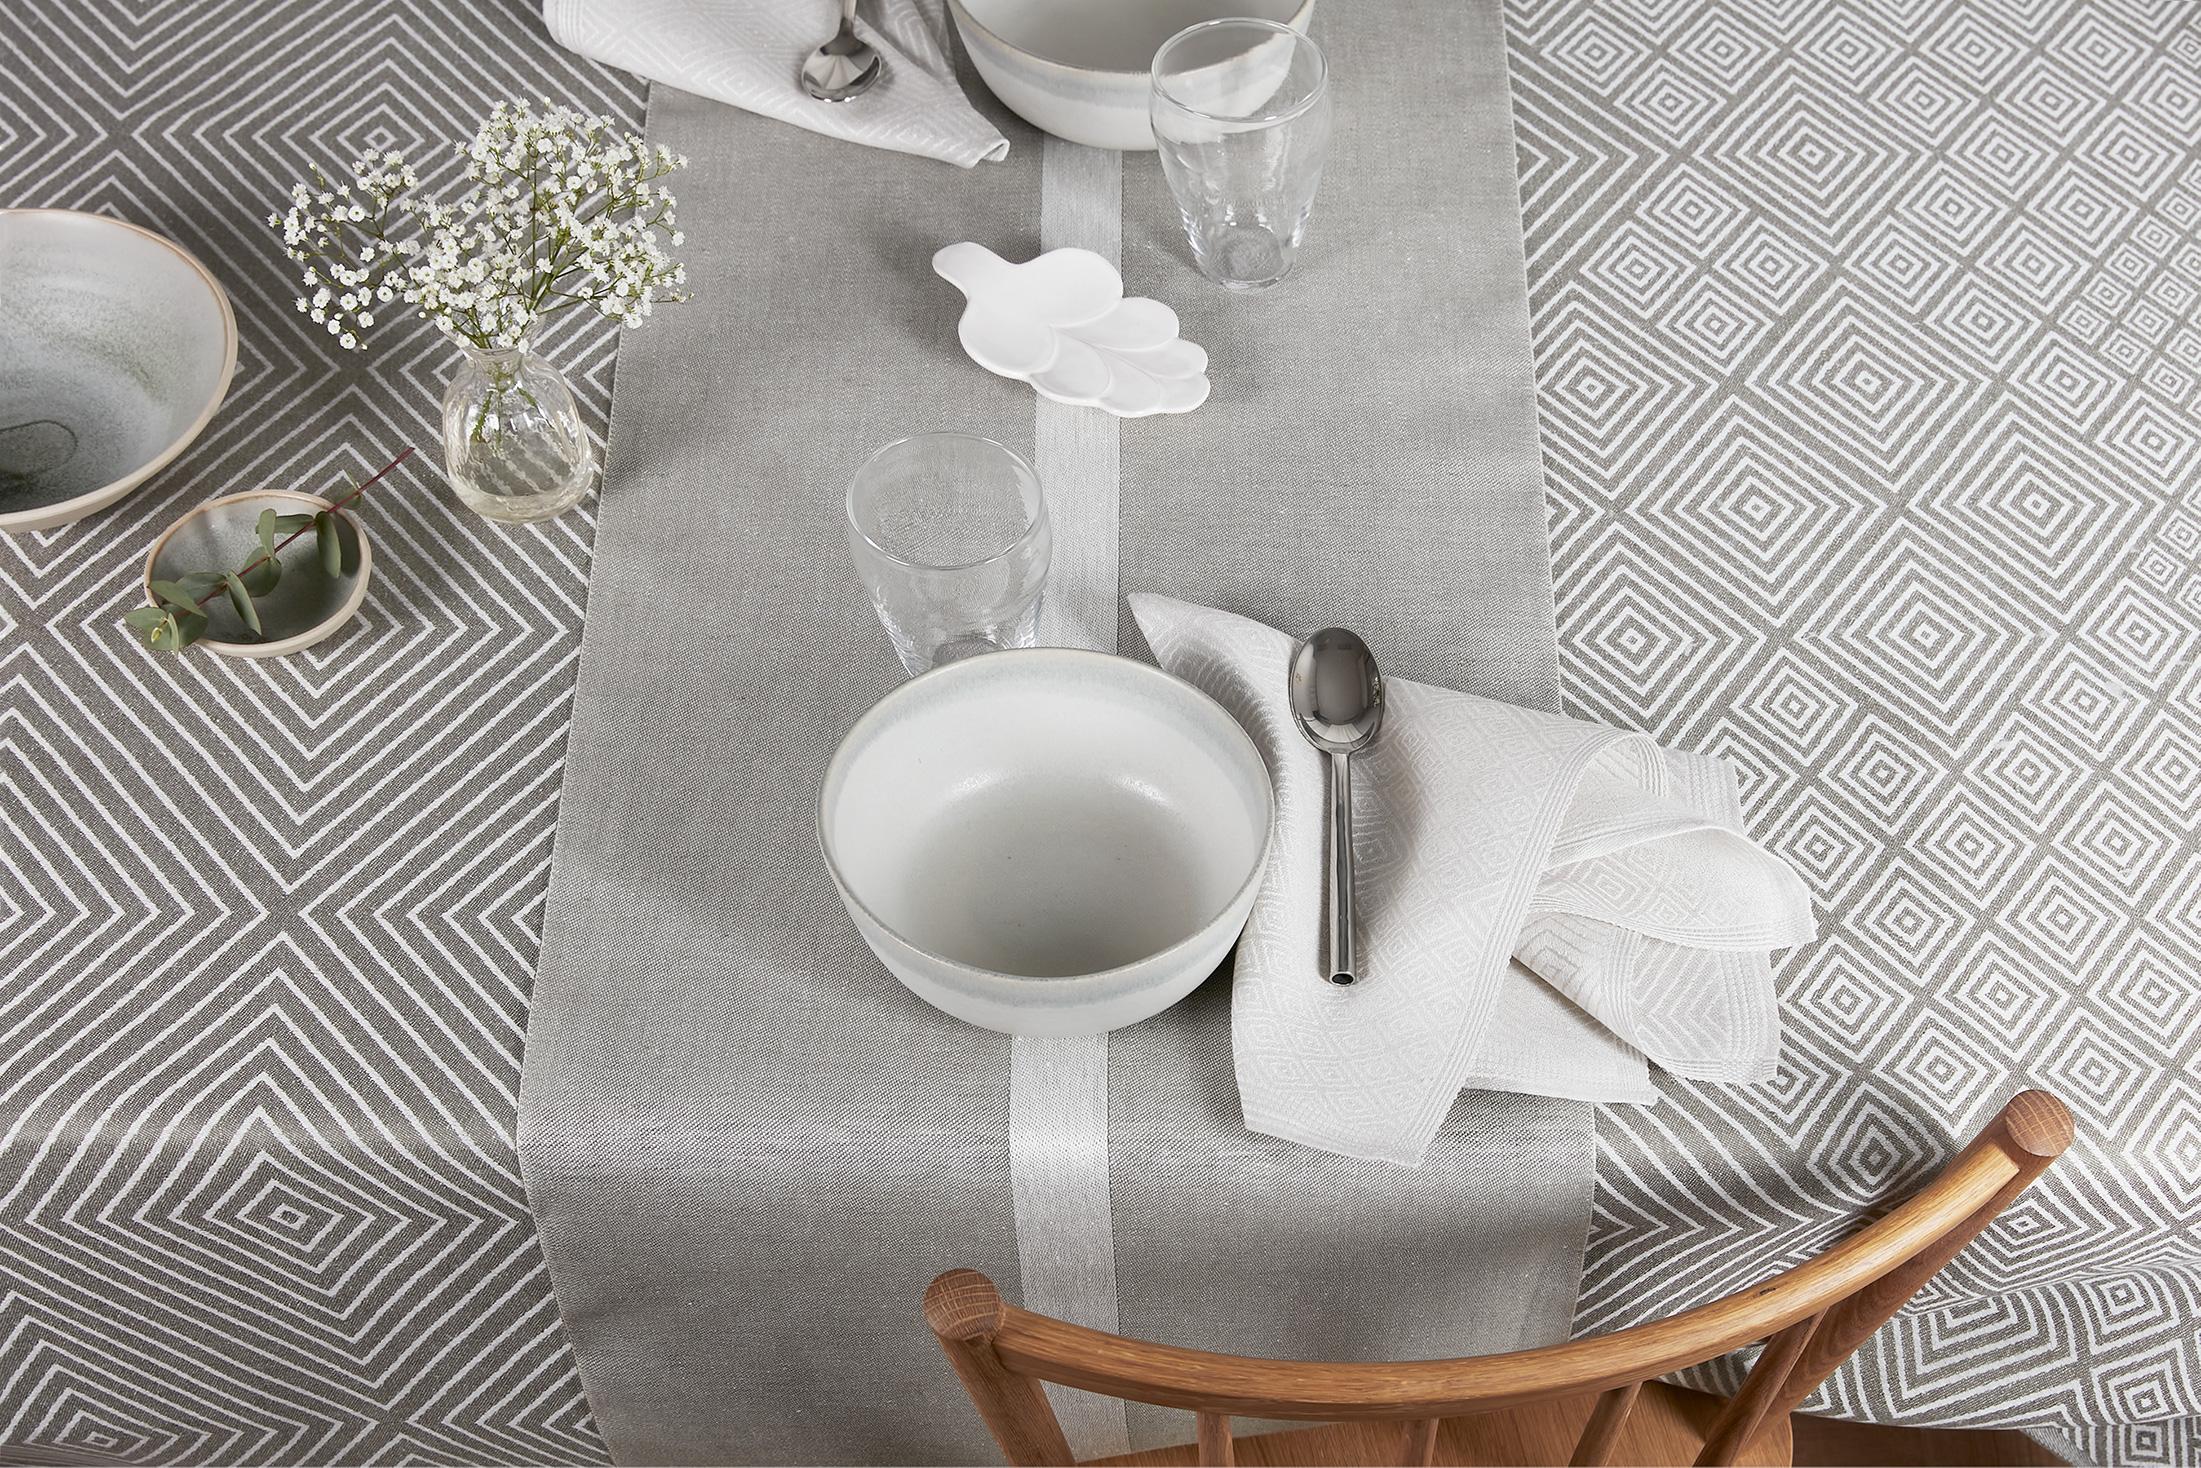 Klässbols grafitgrå Gåsöga linneduk med silvergrå servett och dimgrön linjal bordslöpare